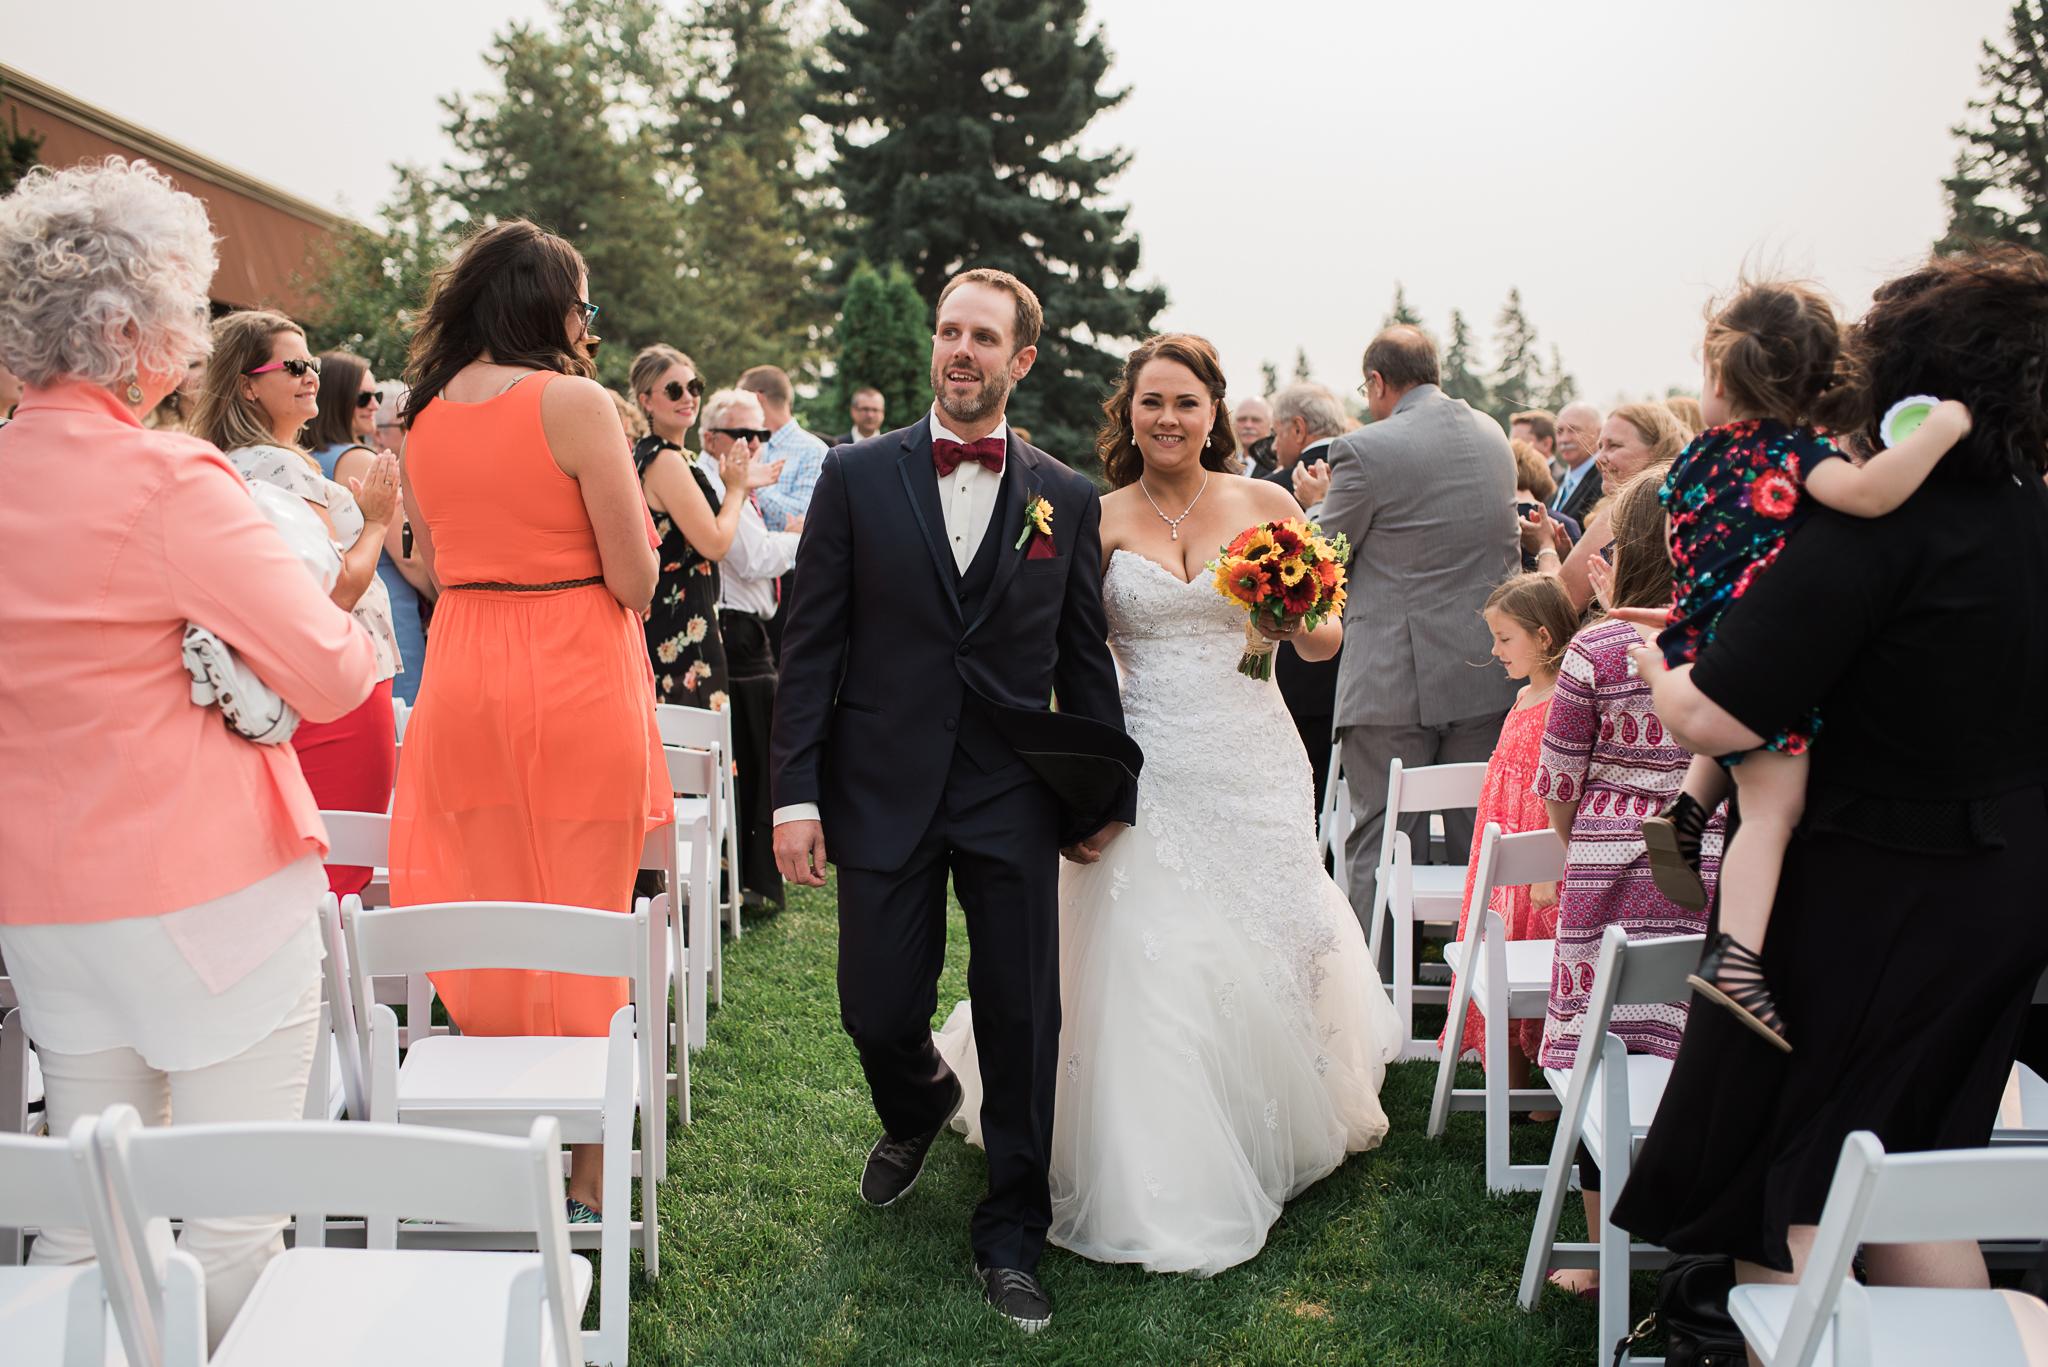 J M Wedding 1120-Edit.jpg